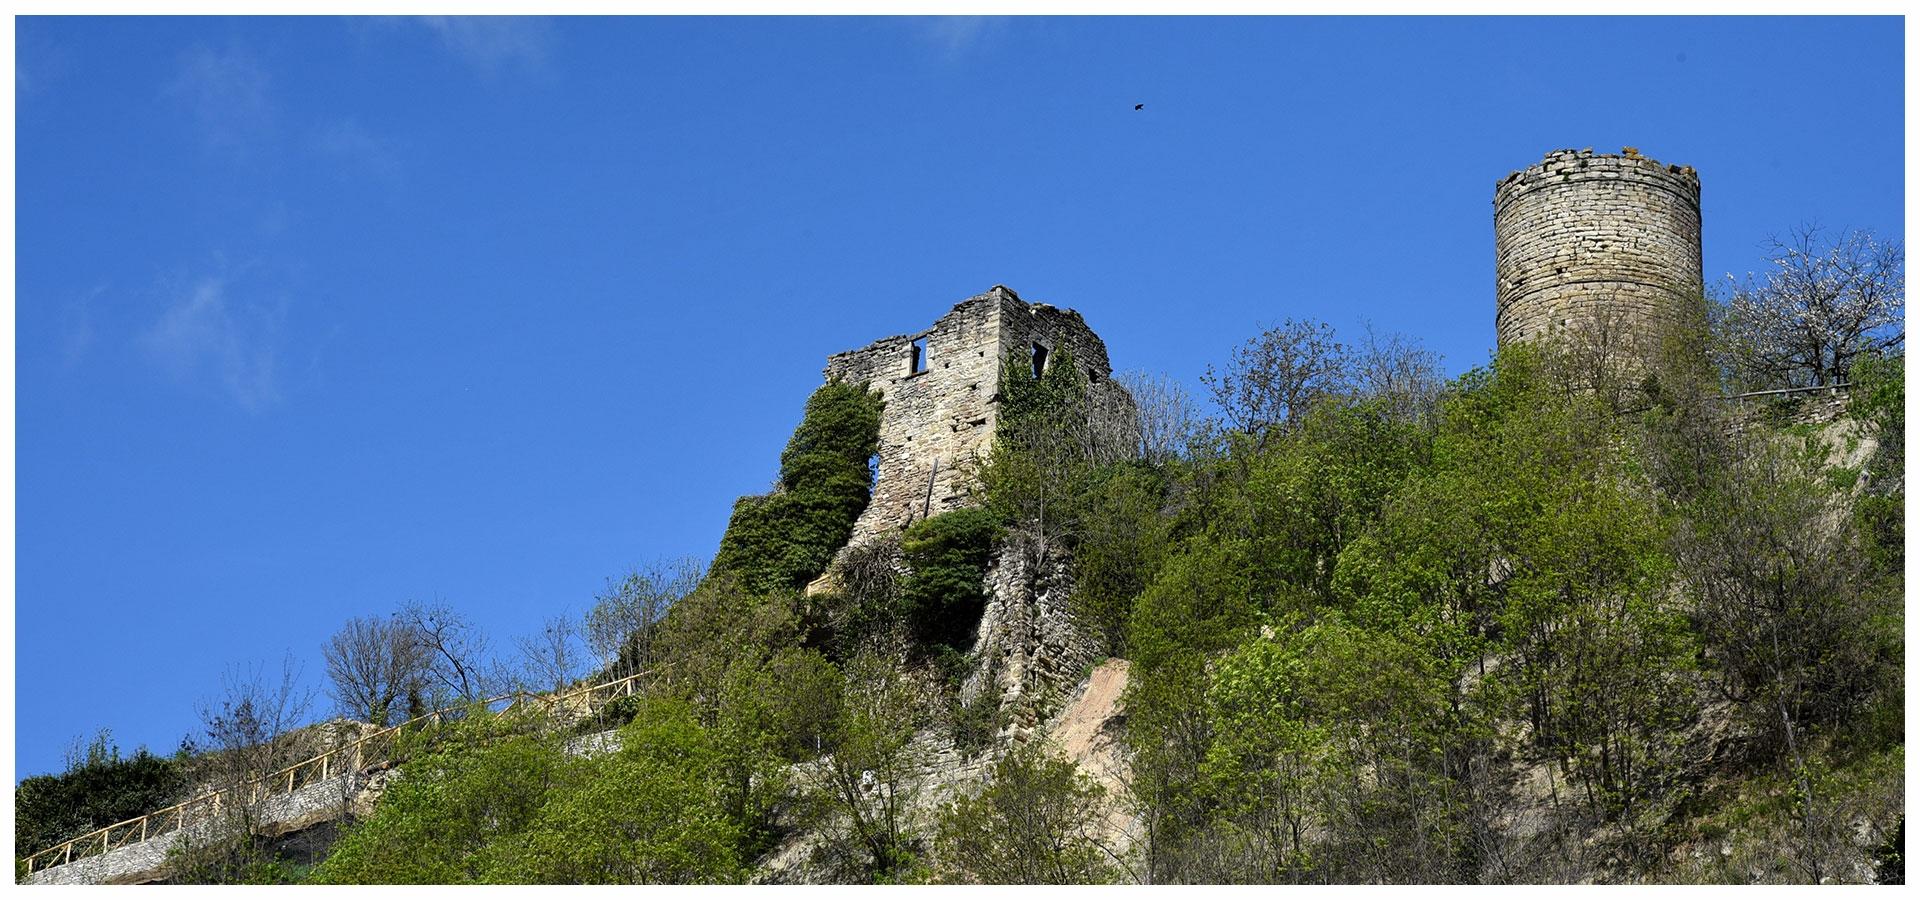 Torre-di-cortemilia-3.jpg